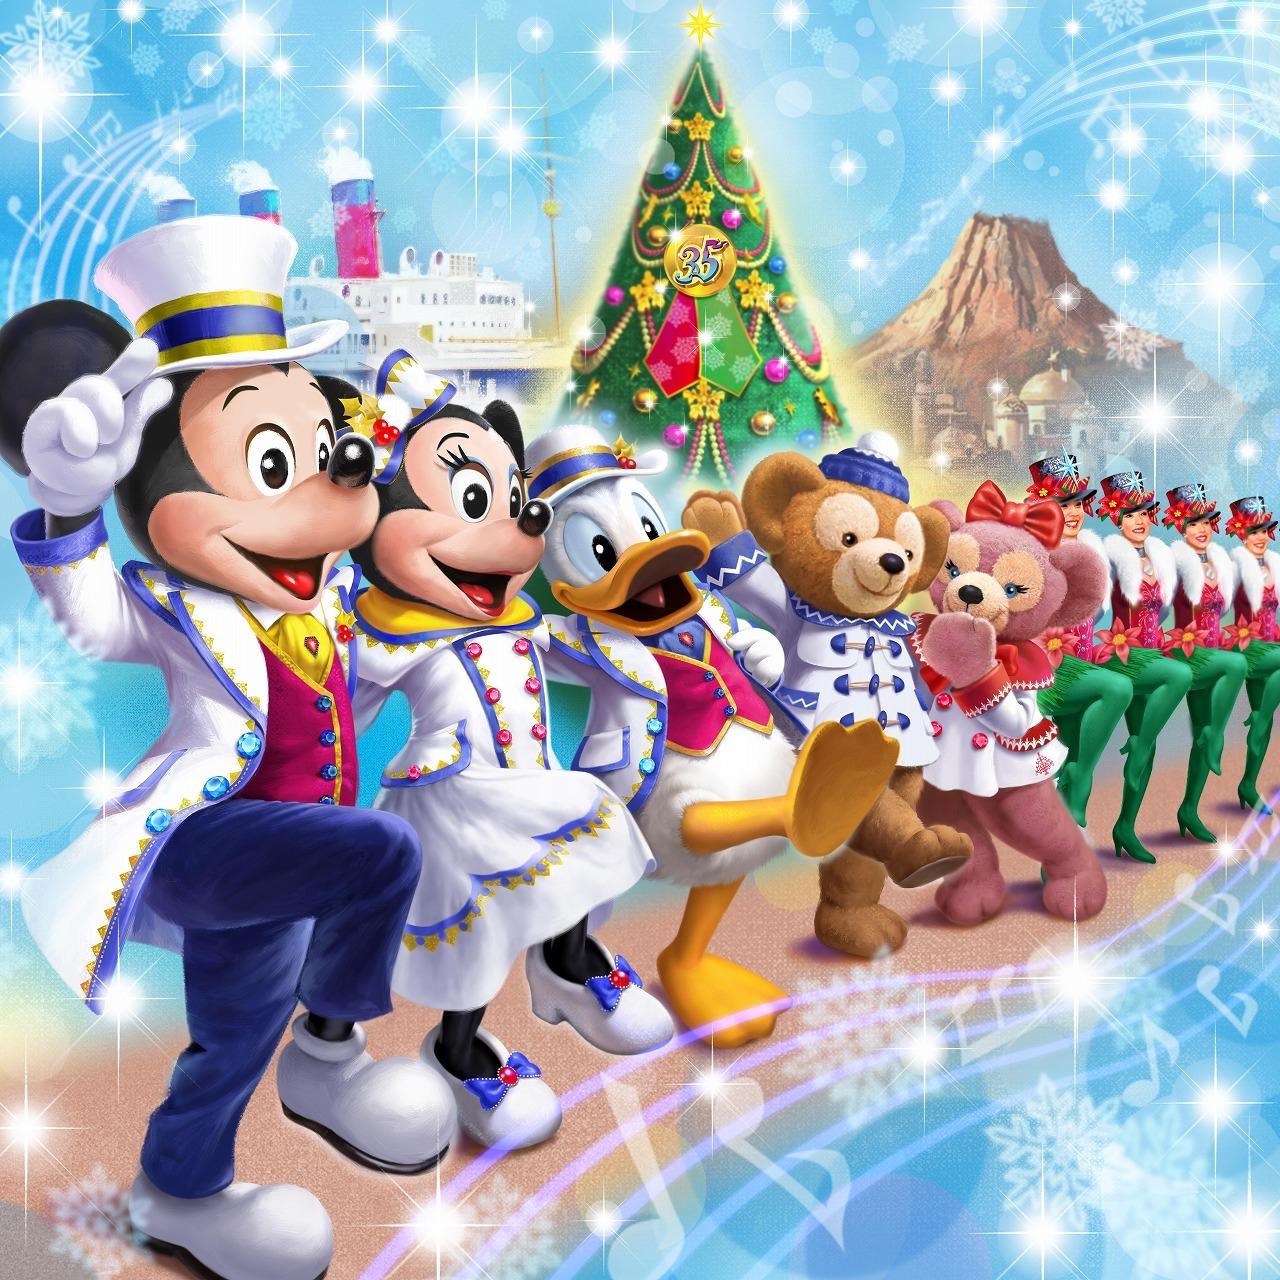 ディズニー】 新ハーバーショーも登場!35周年のクリスマス、詳細発表